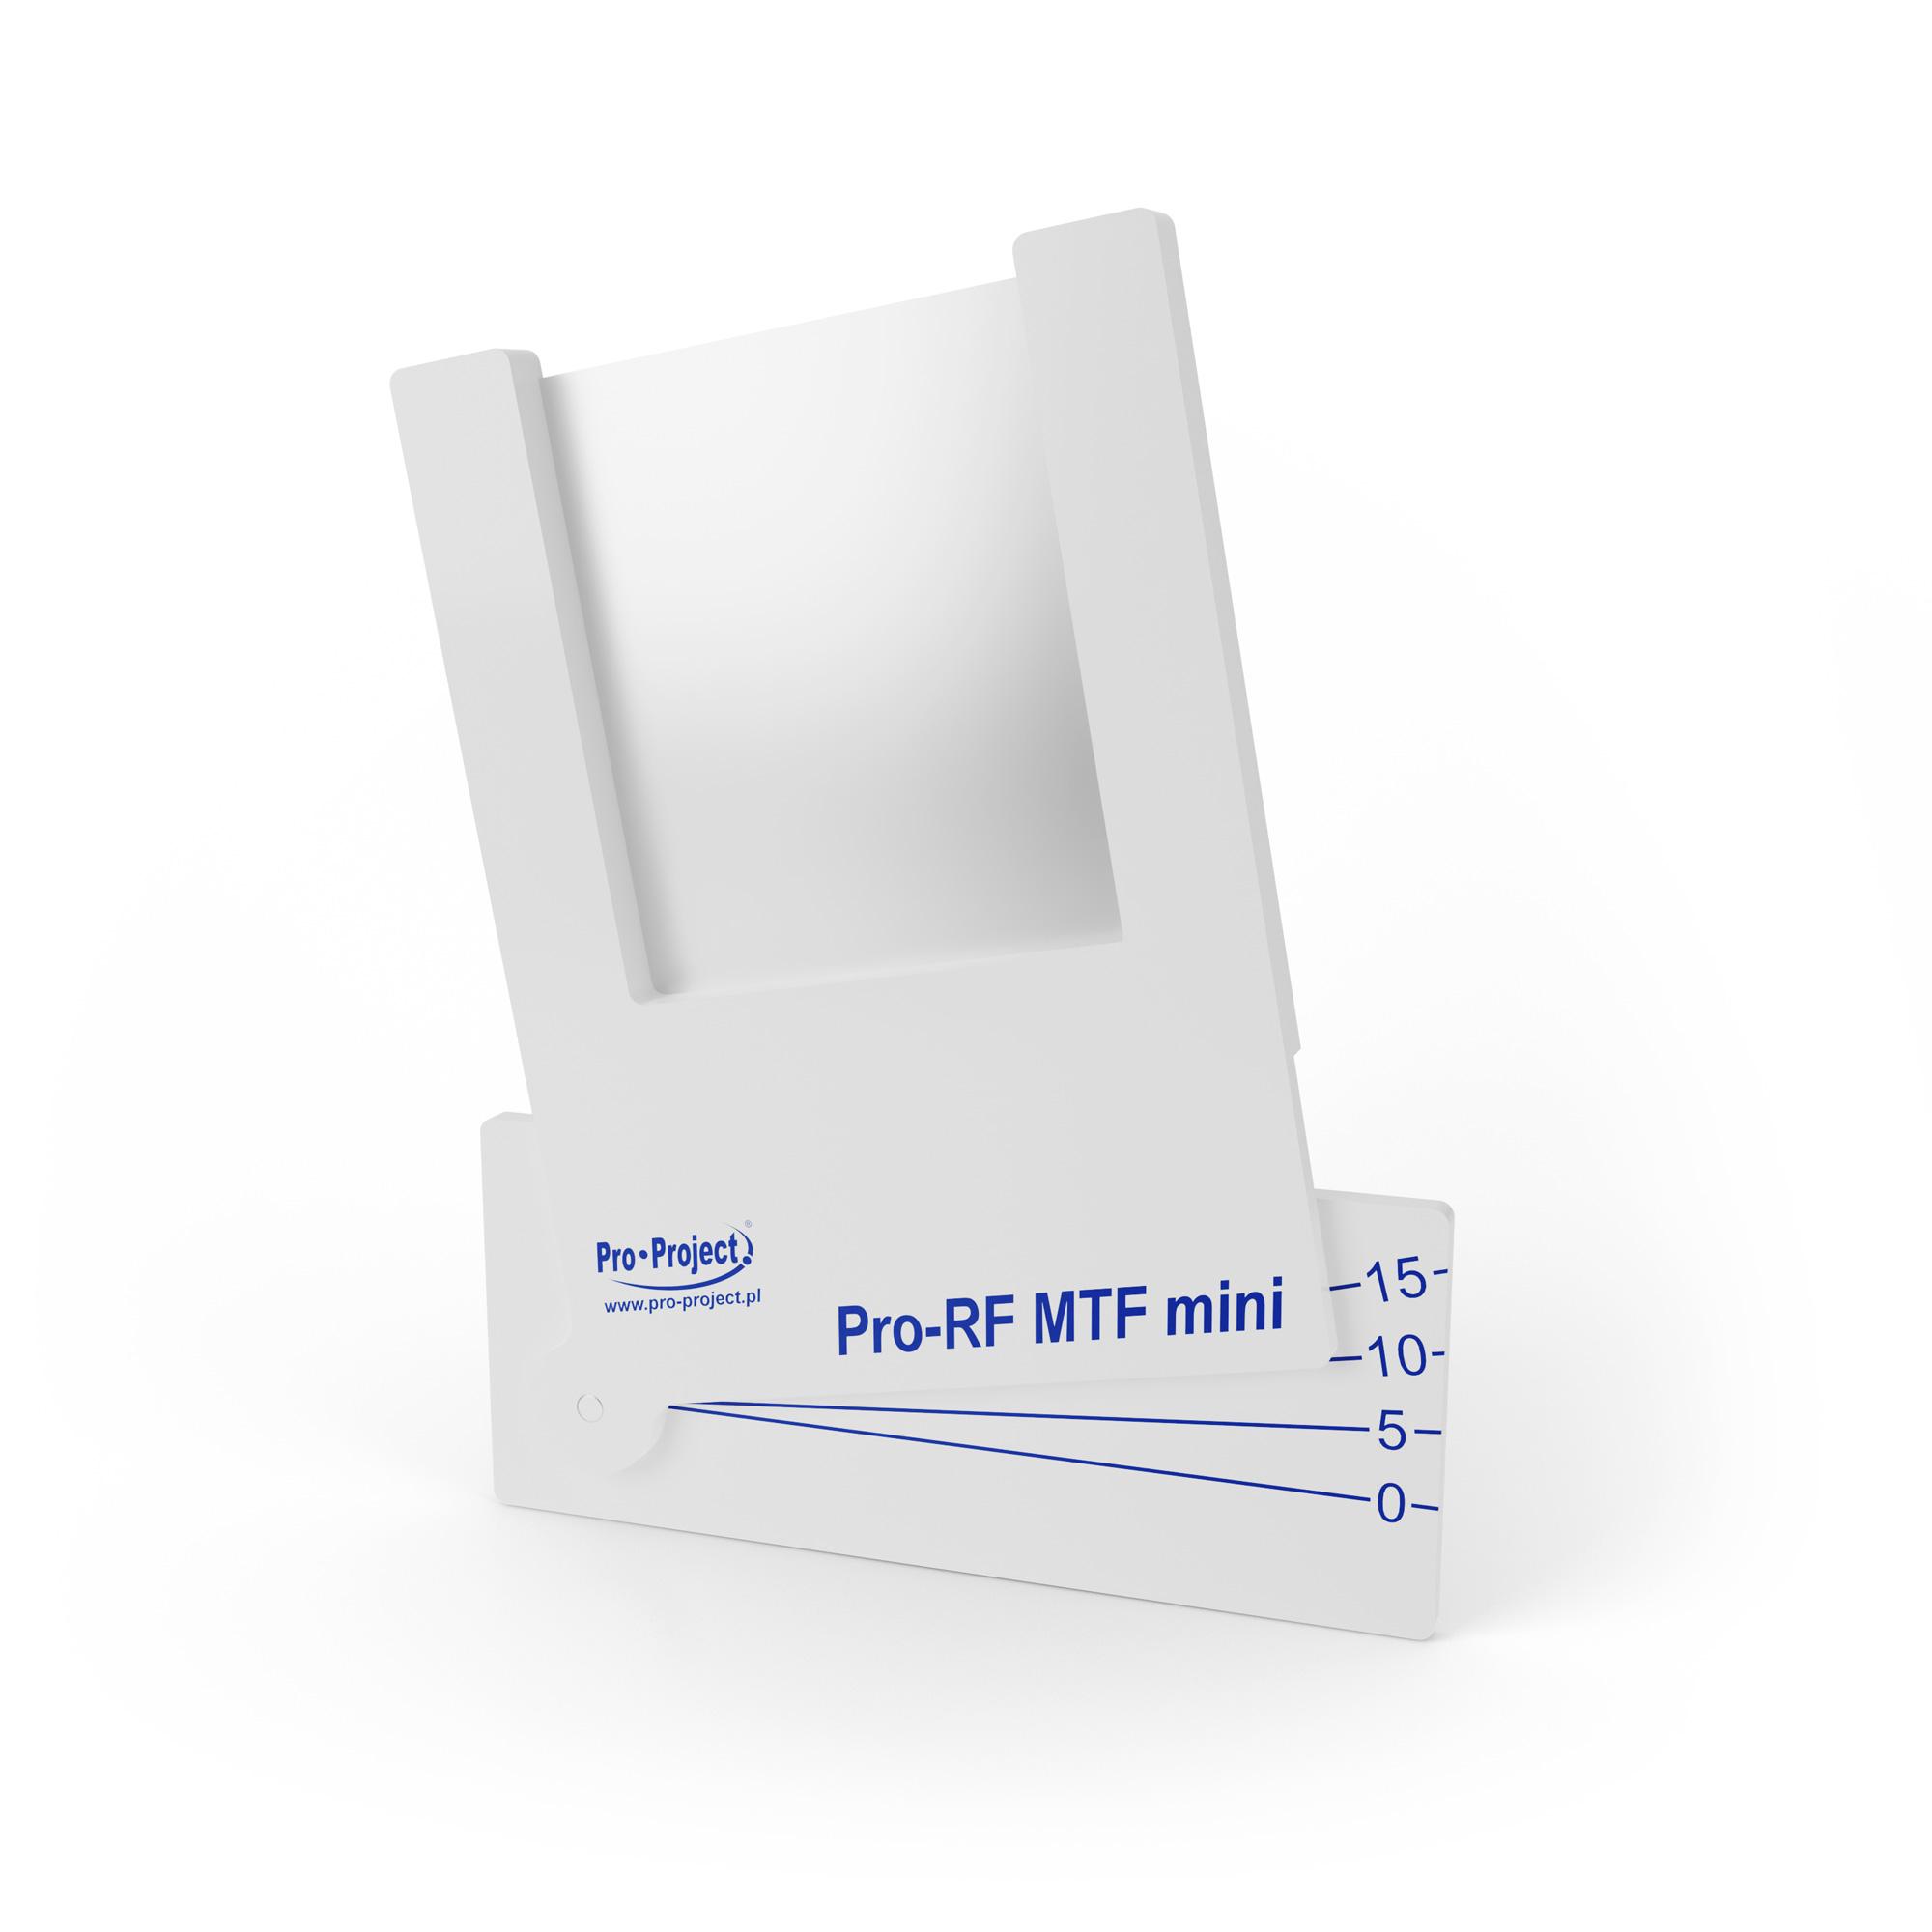 Pro-RF MTF MINI